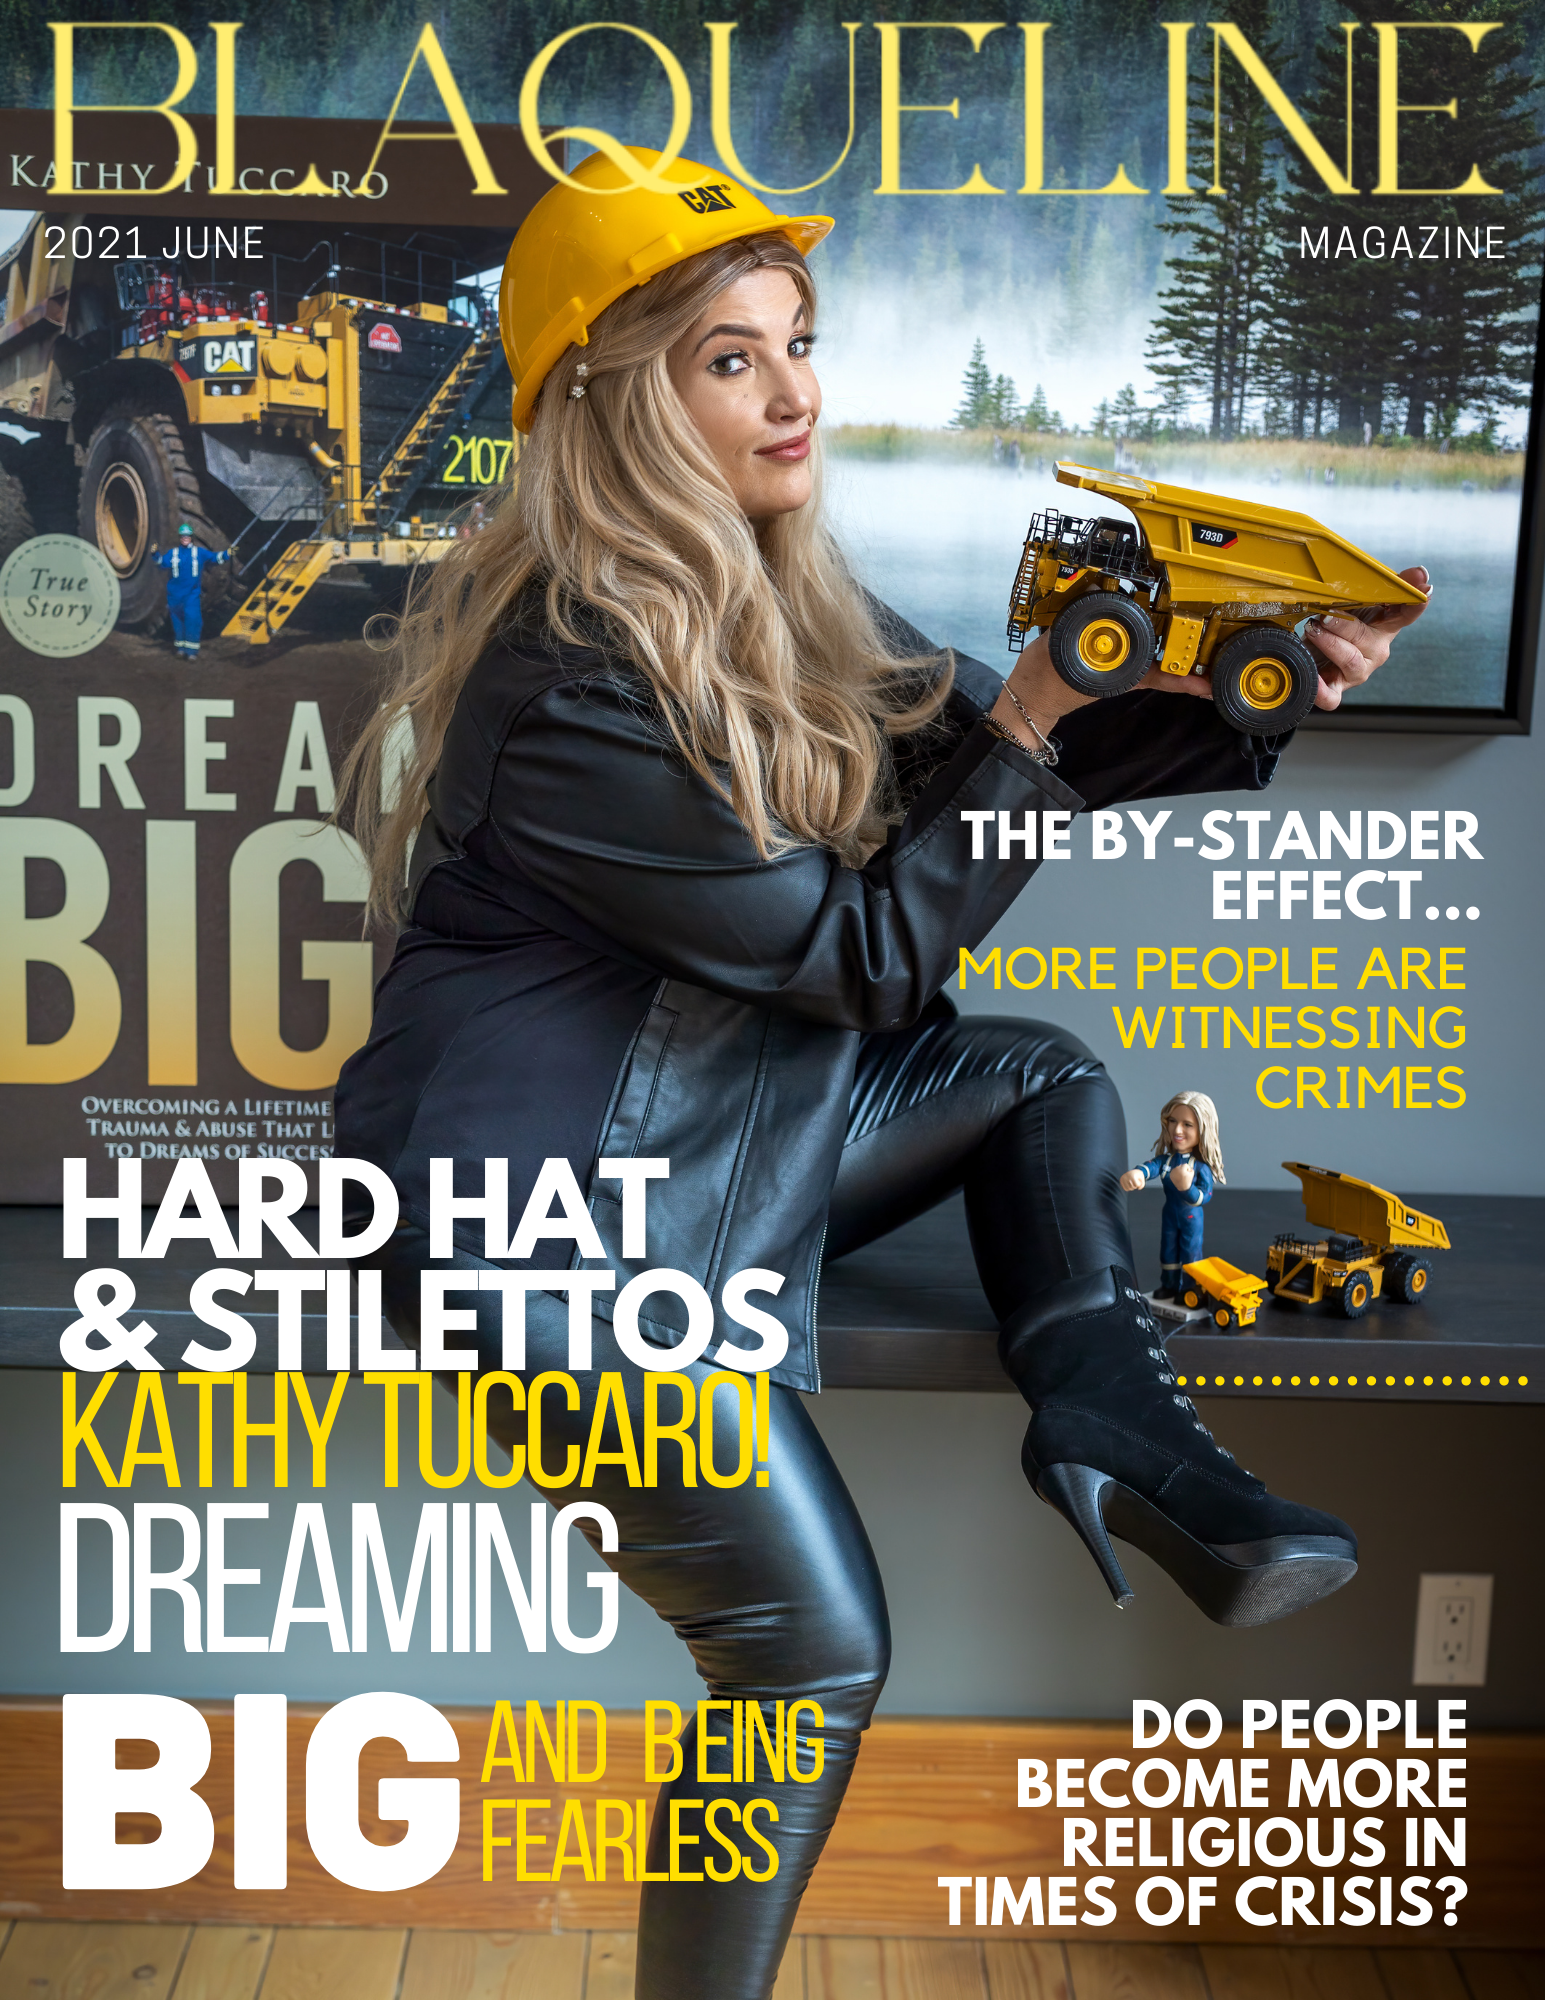 BLAQUELINE Magazine Covers